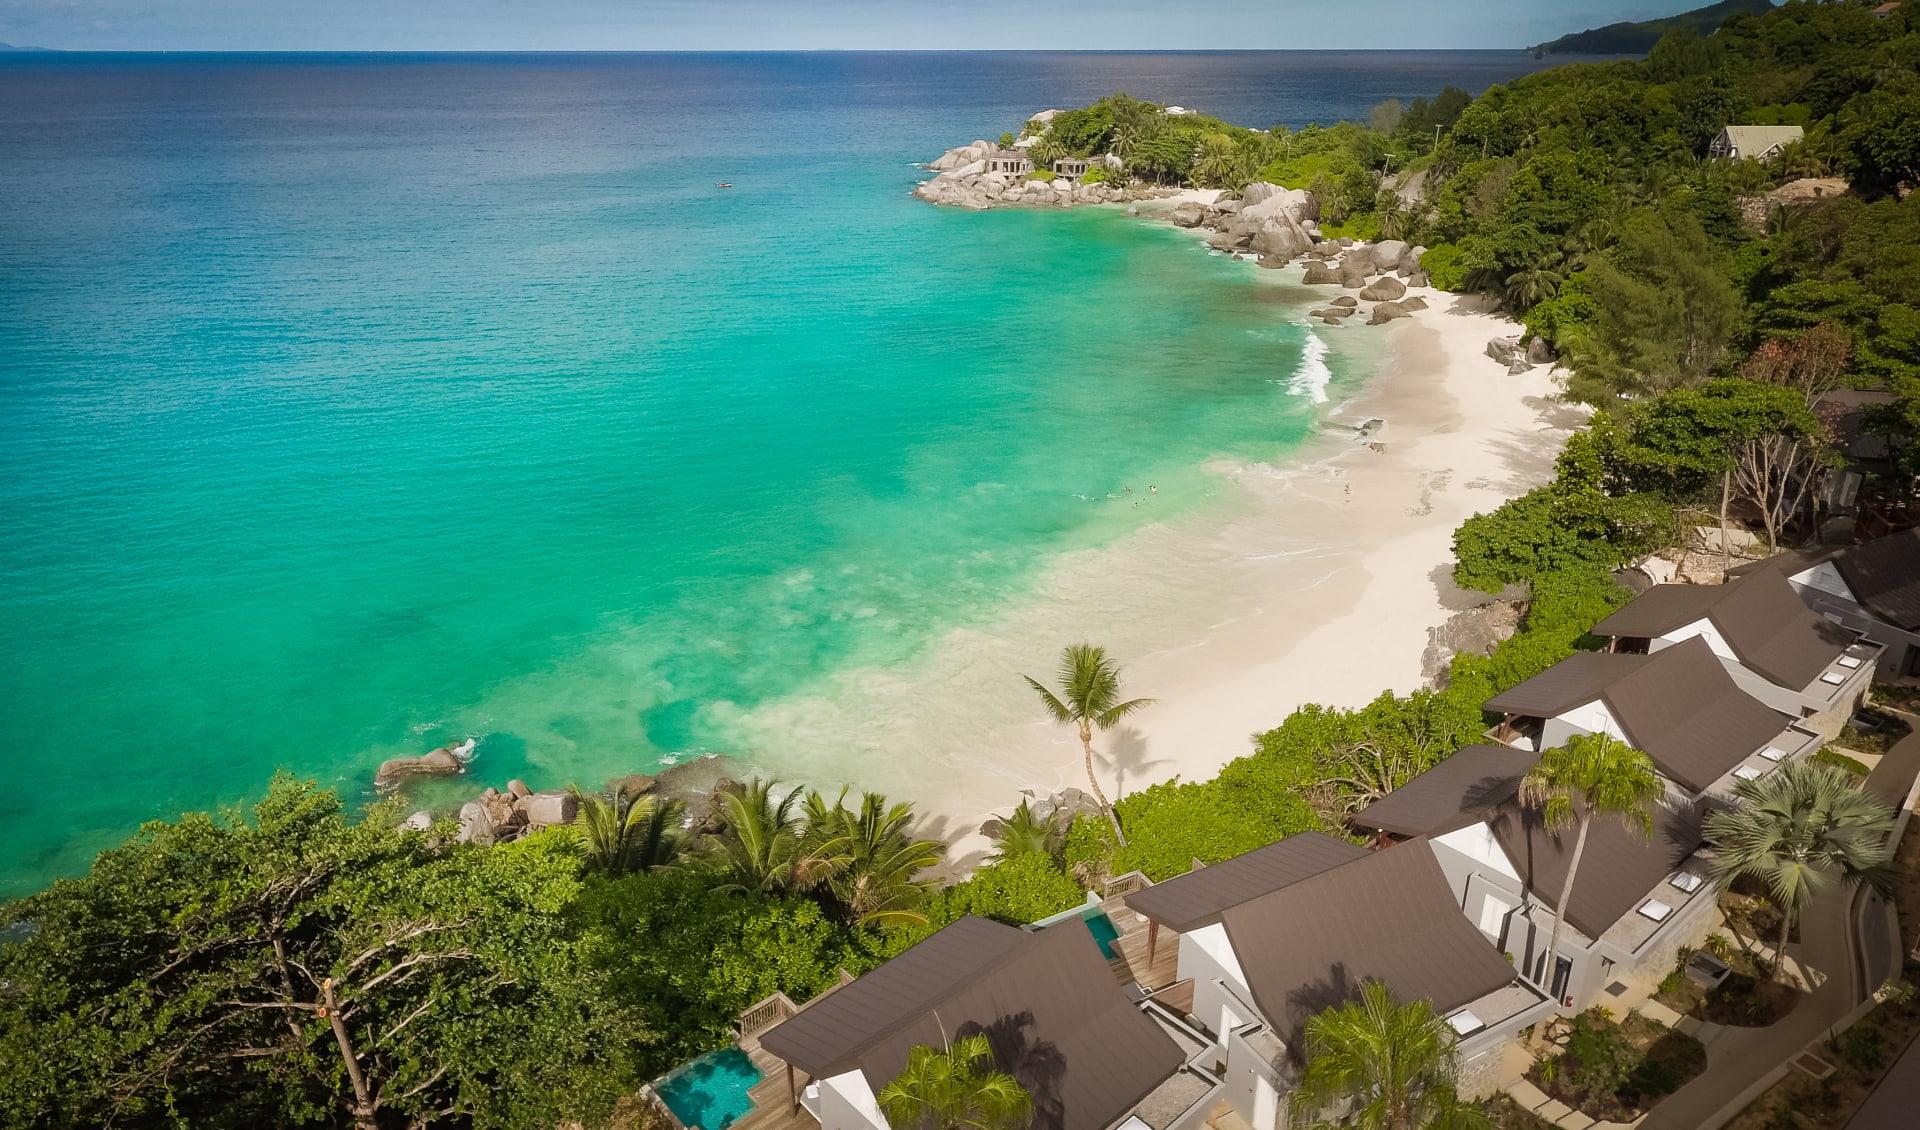 Carana Beach Hotel in Mahé: